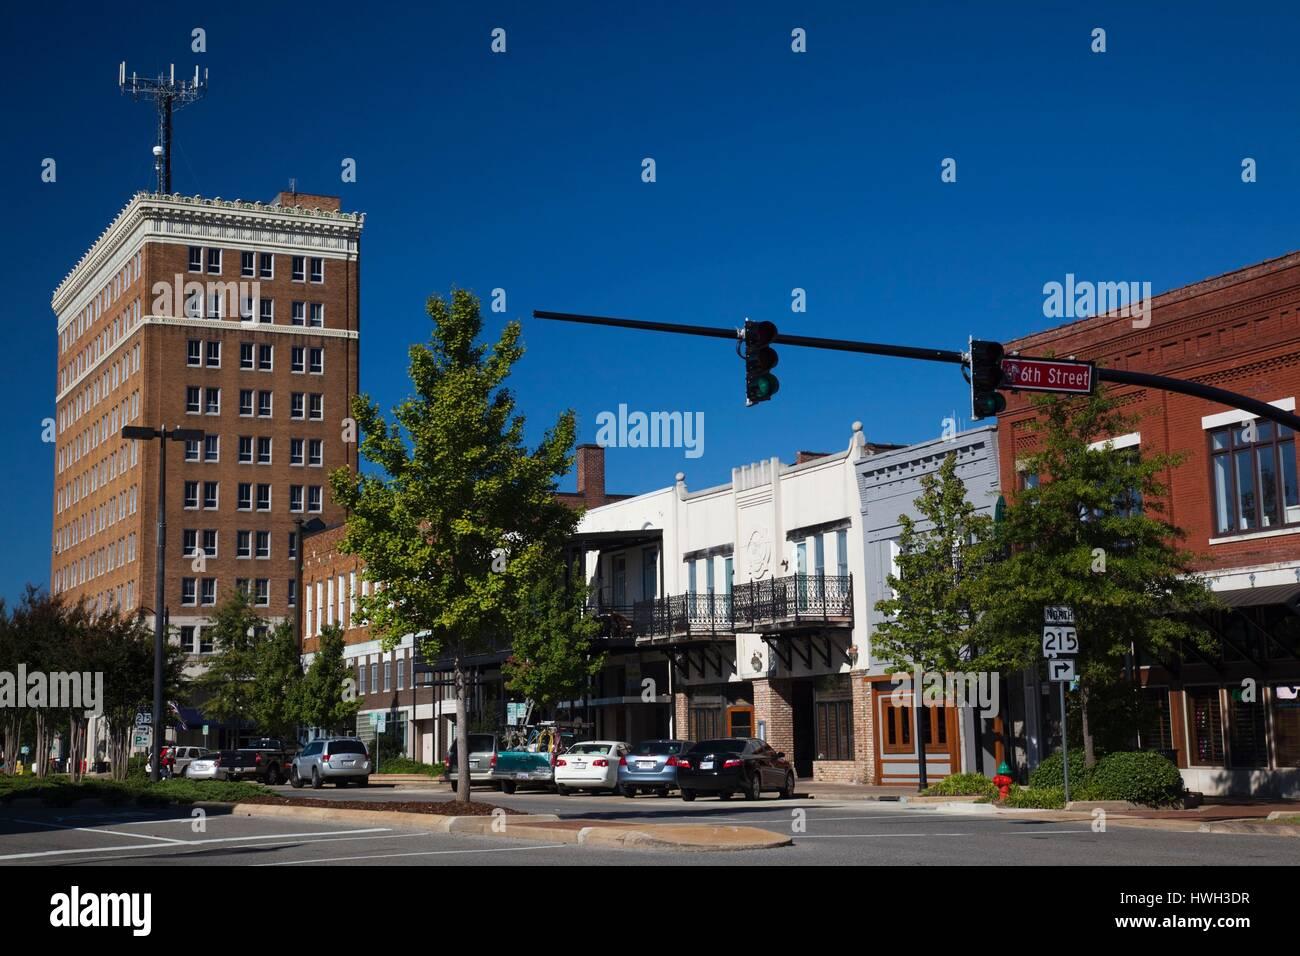 United States, Alabama, Tuscaloosa, Greensboro Avenue, also known as 24th Avenue - Stock Image